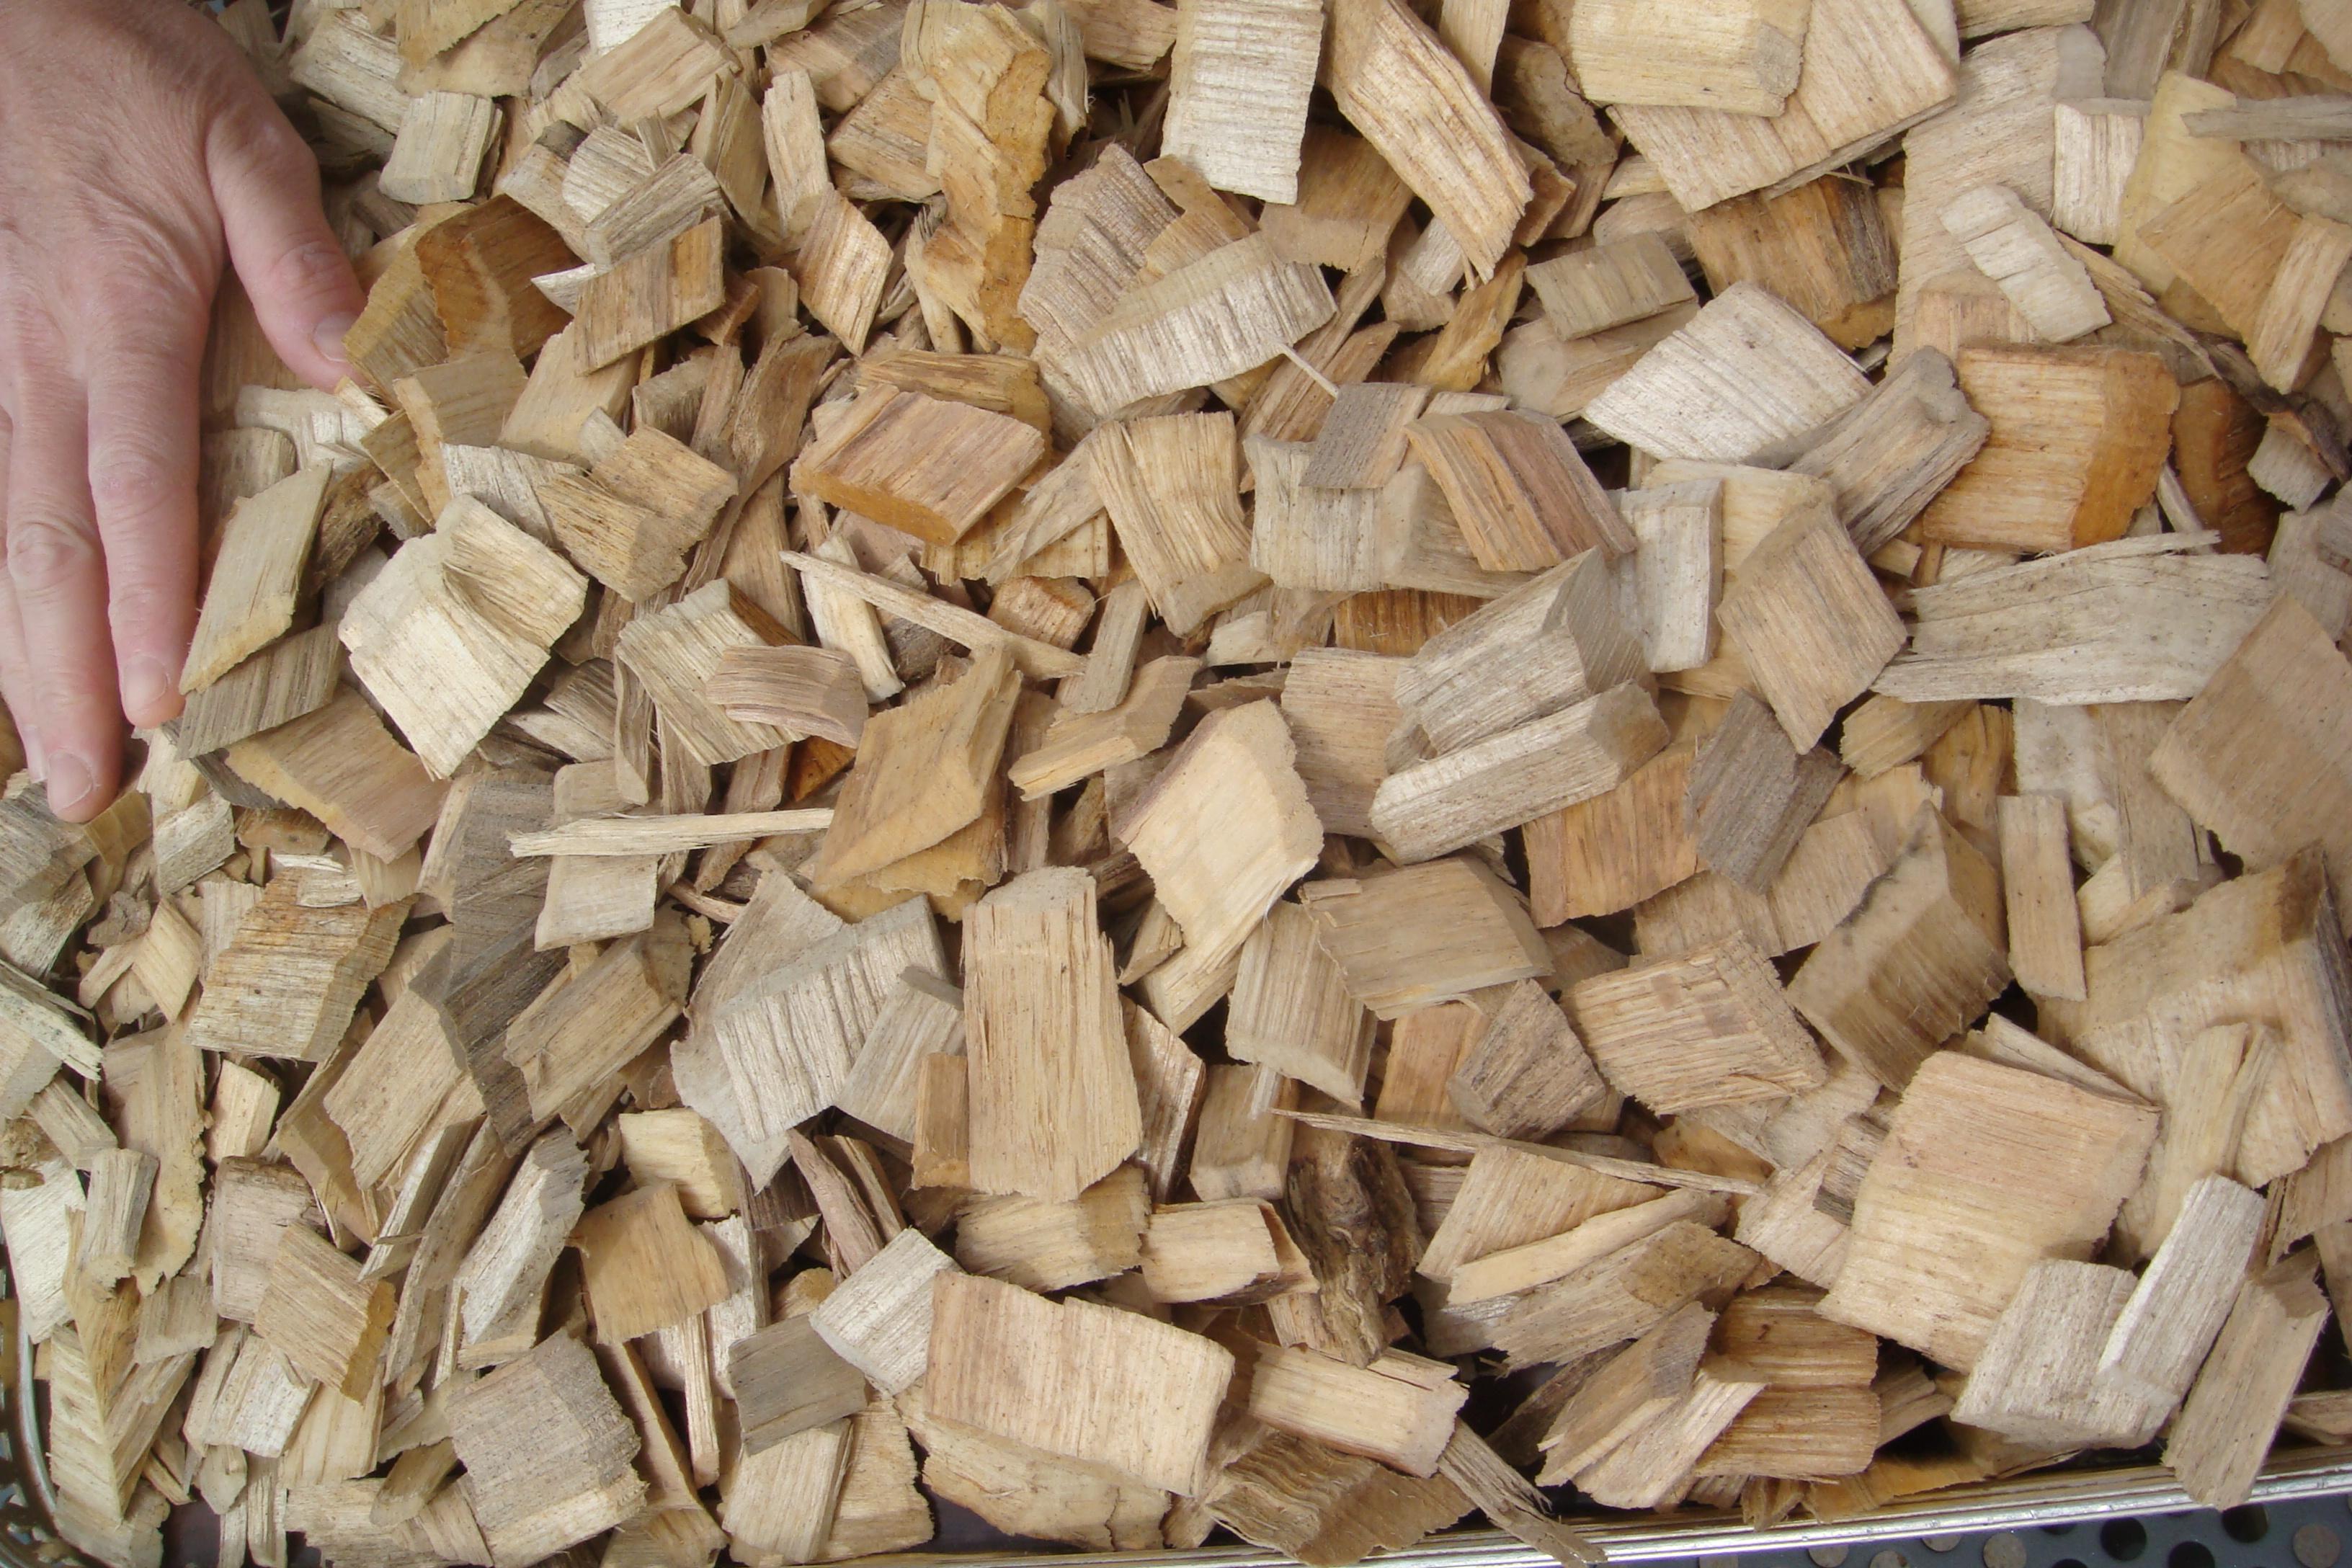 Woodchips - Wikipedia